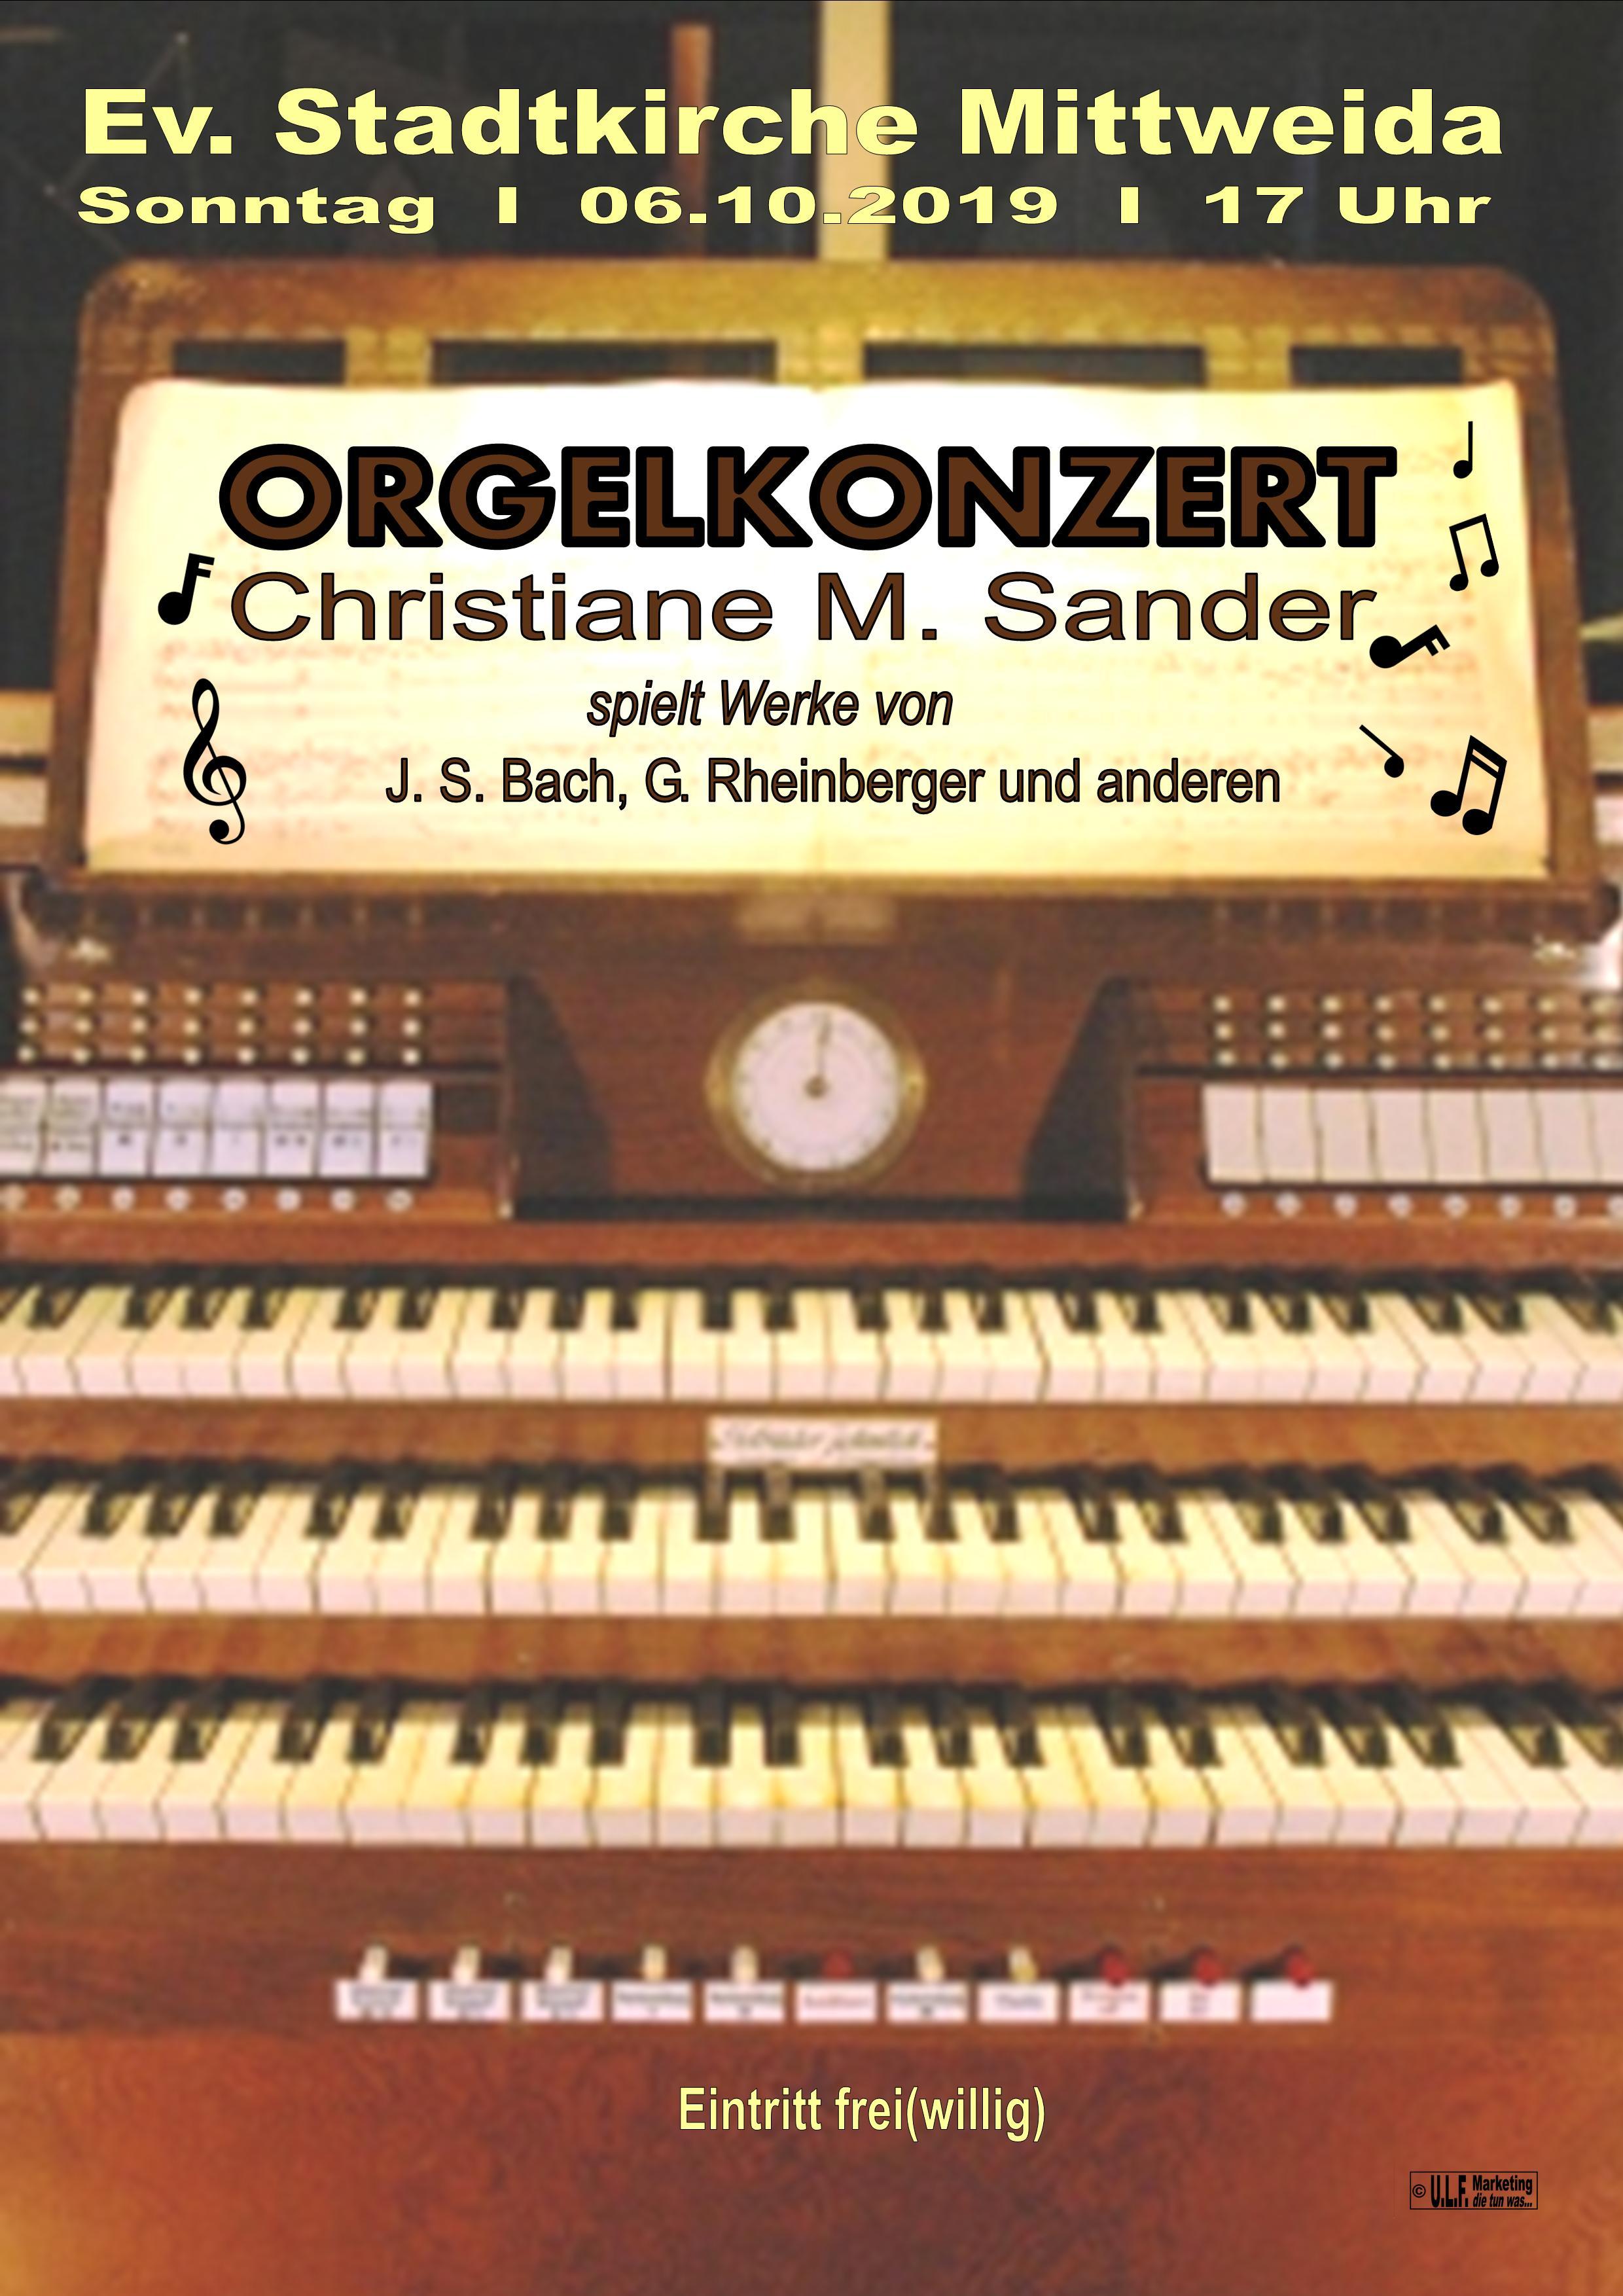 Orgelkonzert061019-1